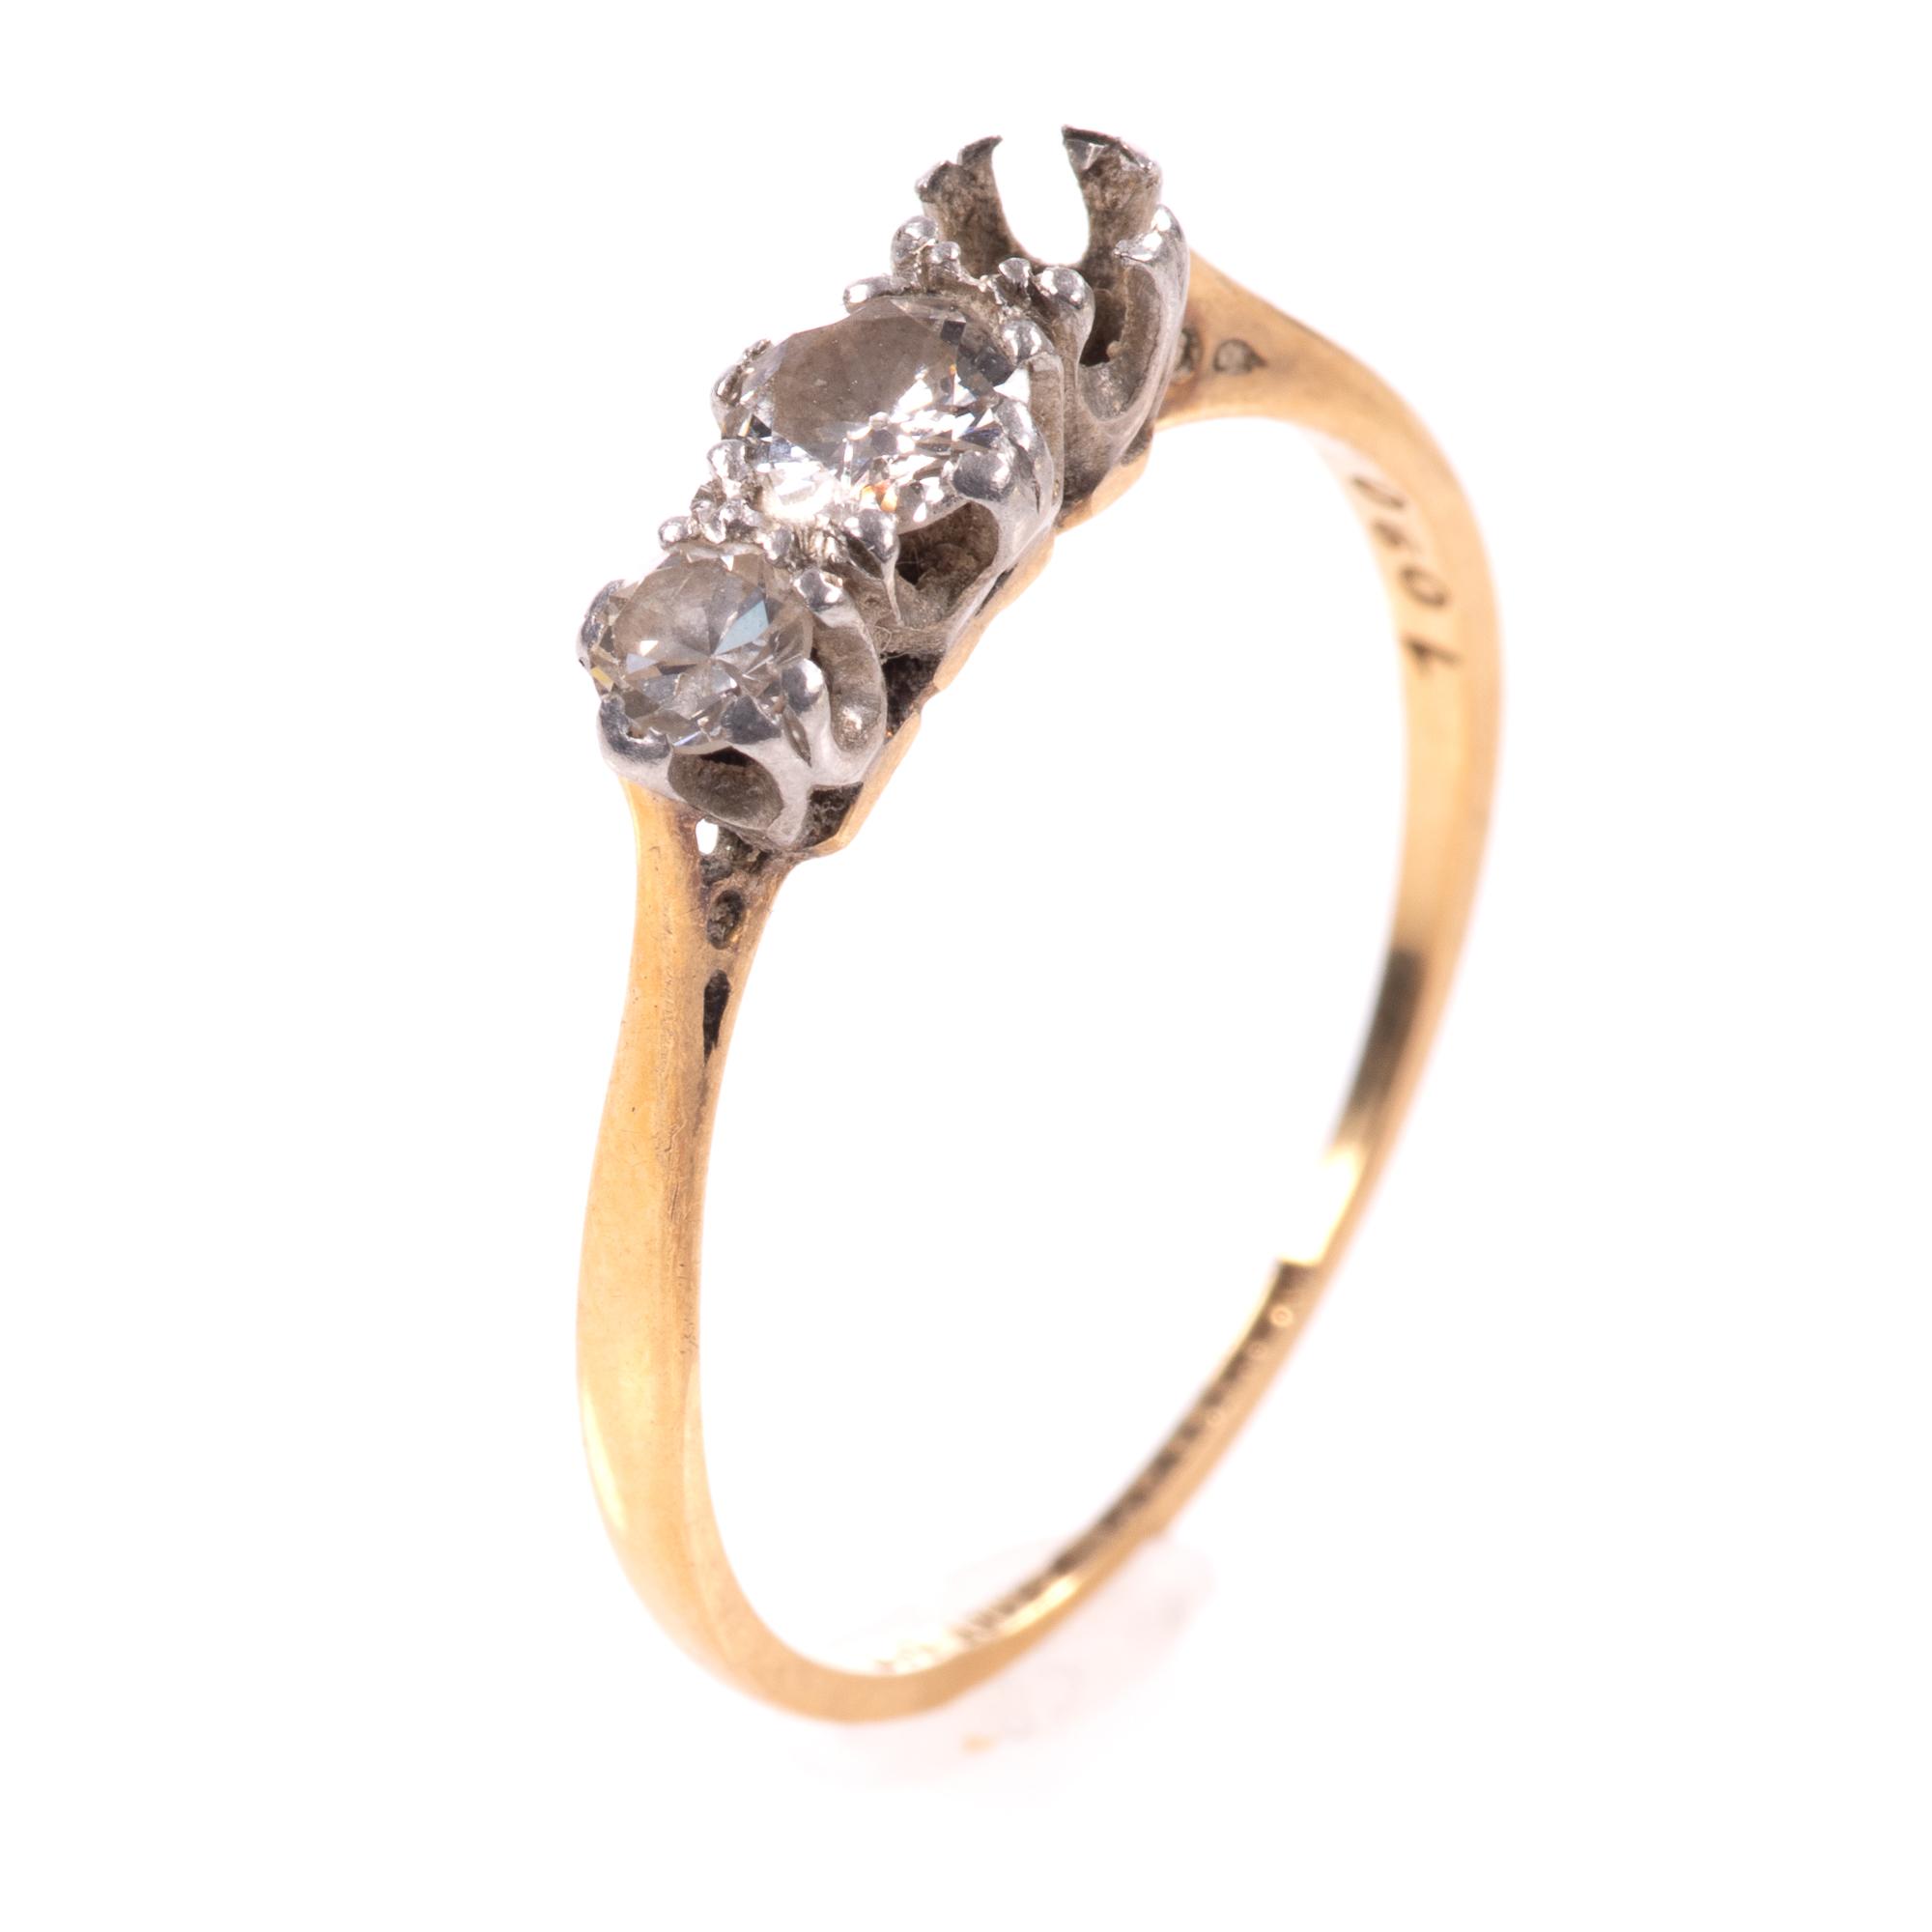 18ct Gold & Platinum 0.40ct Diamond Ring